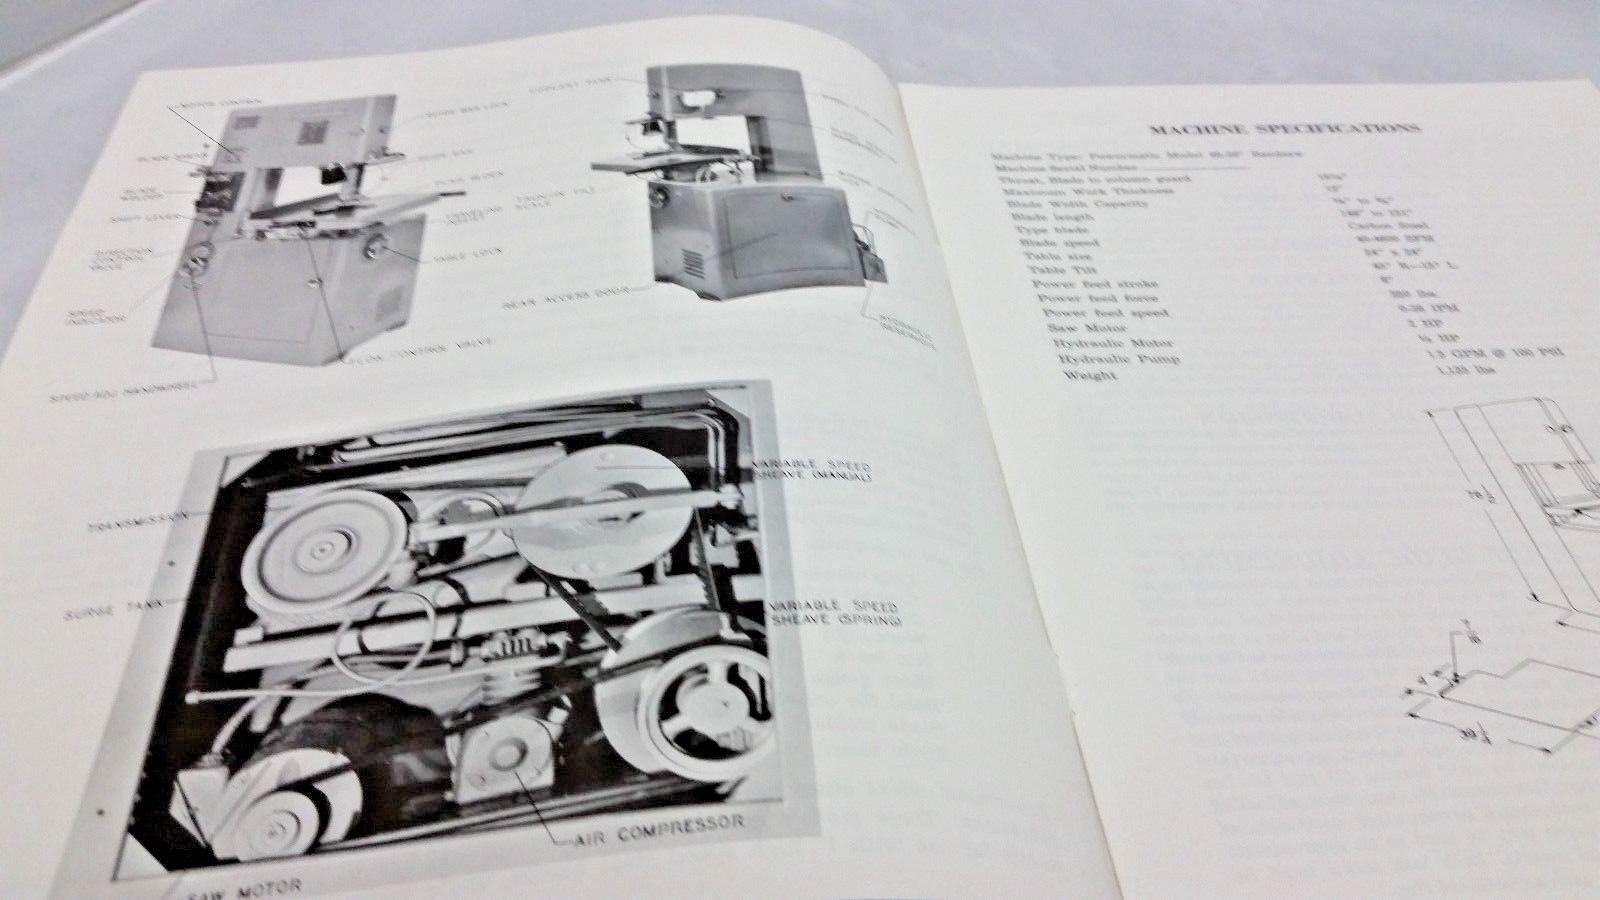 Powermatic Model 89 20